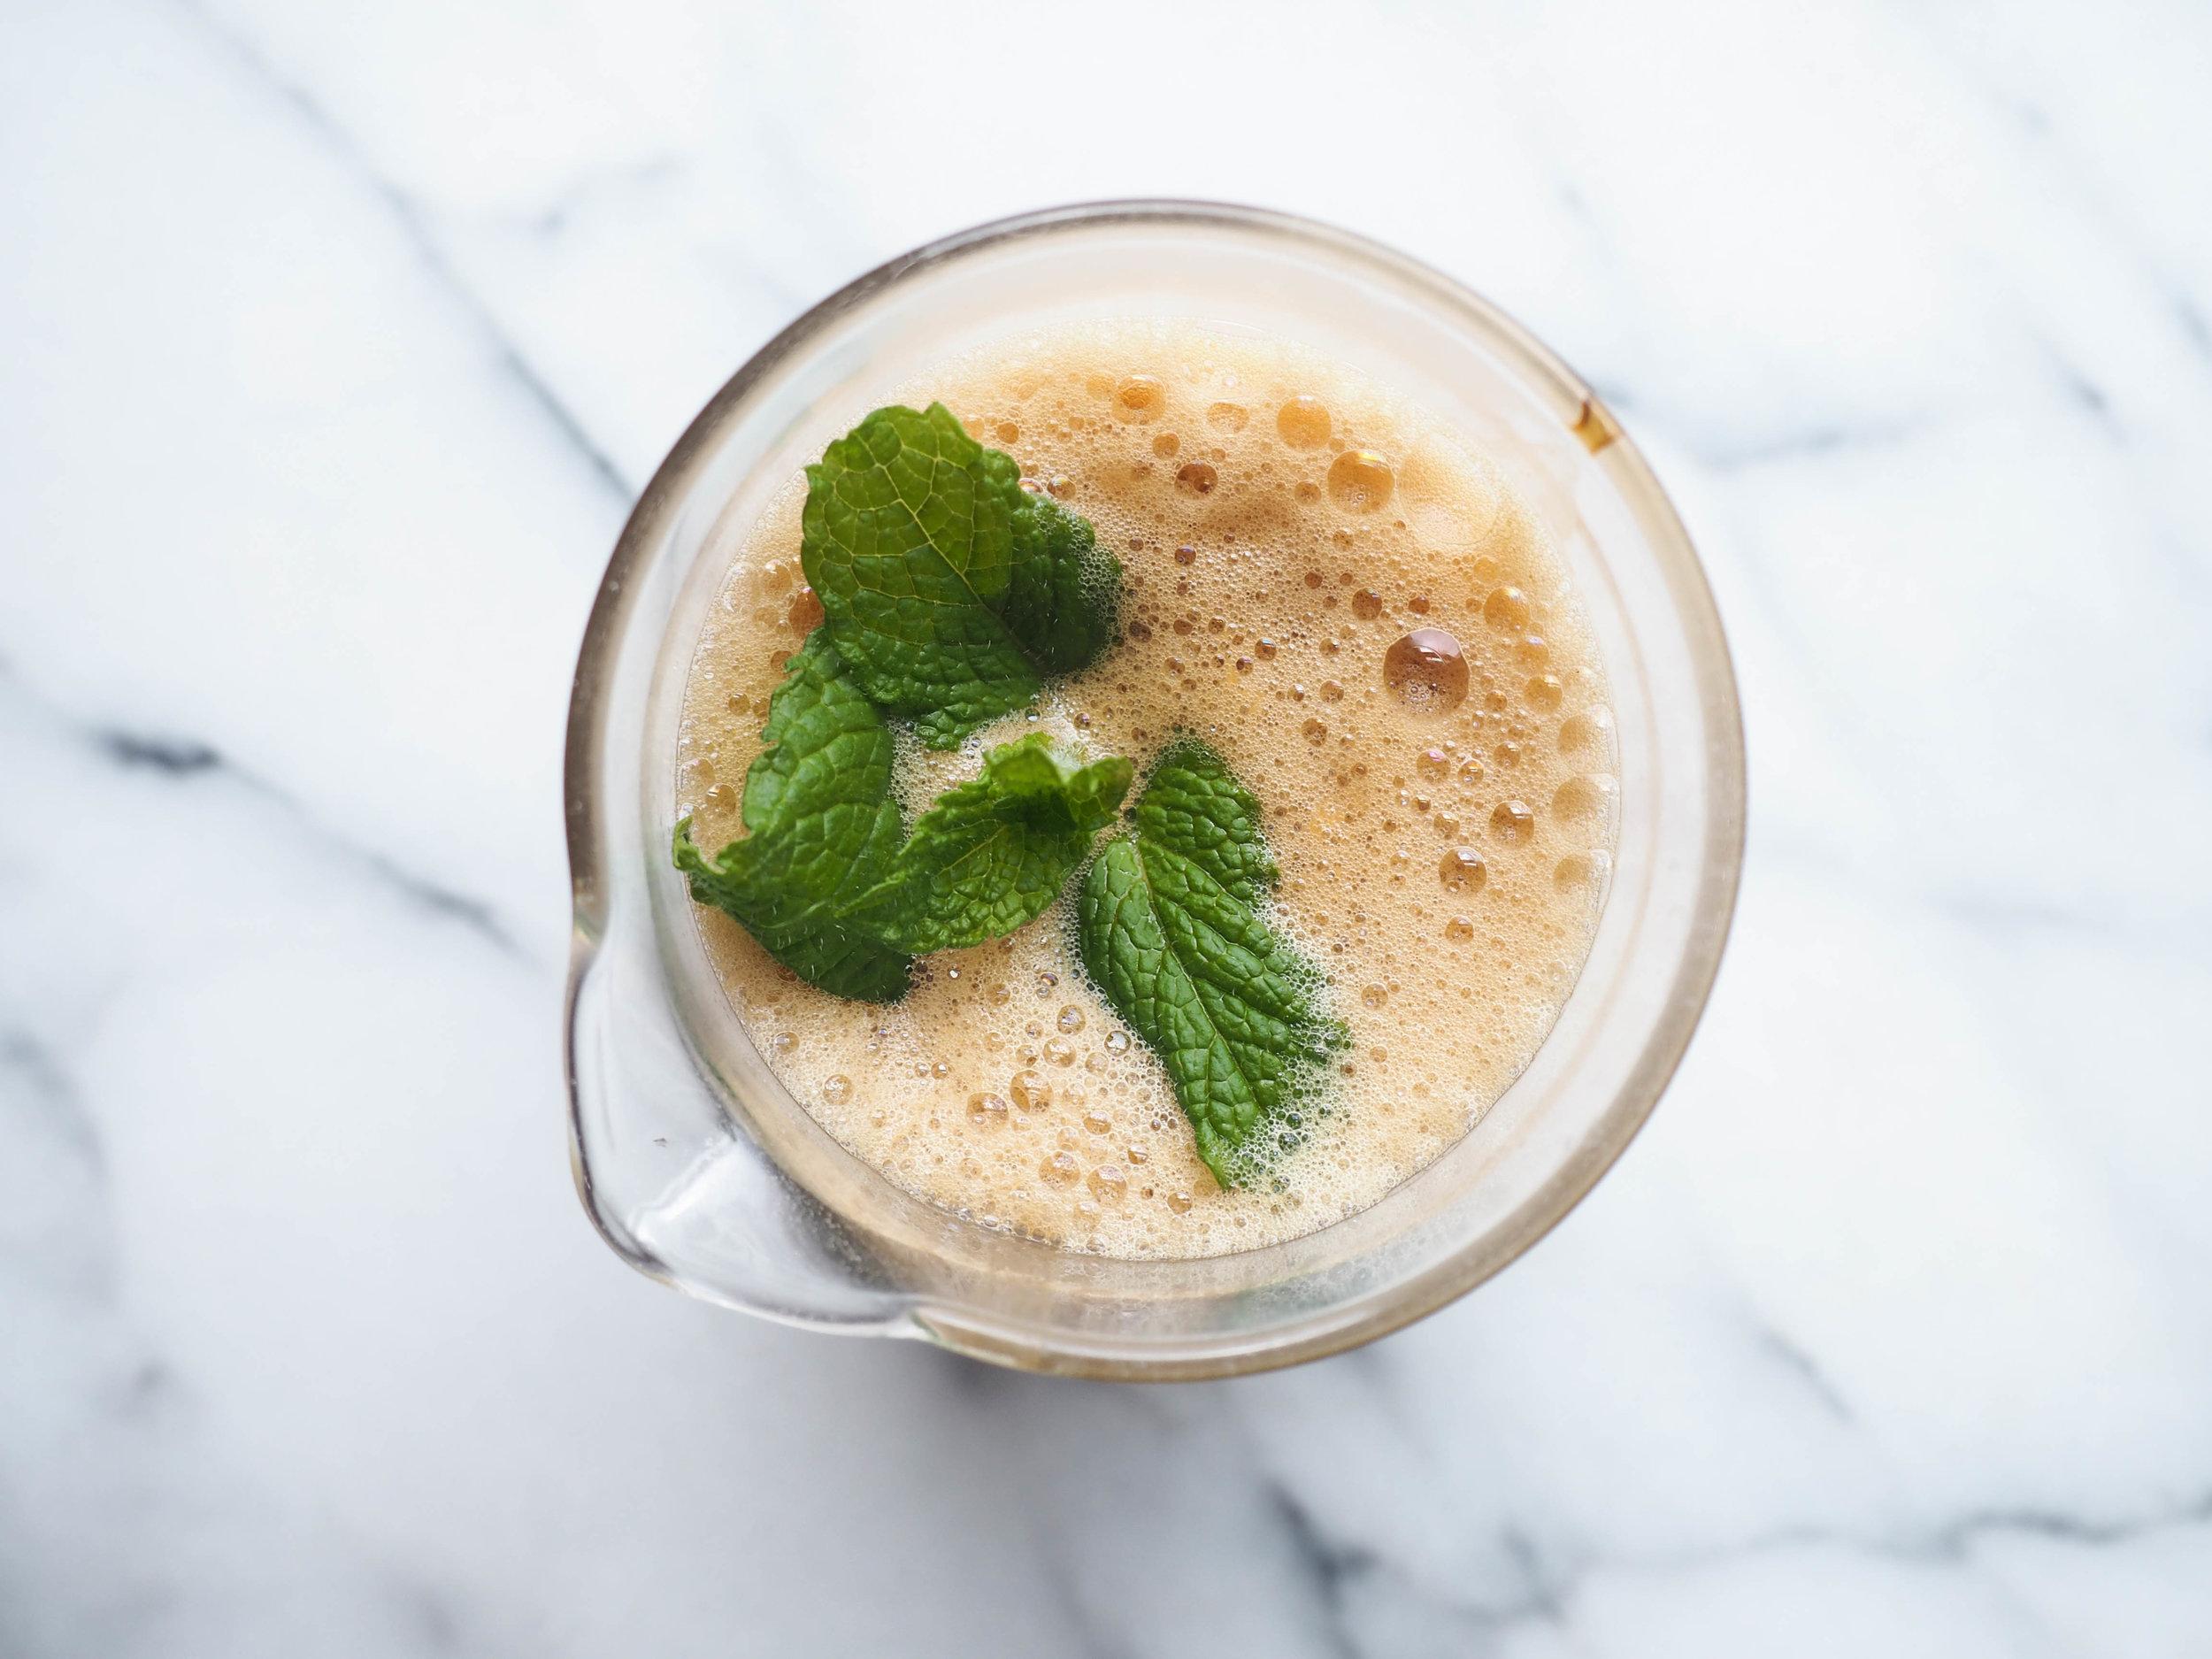 Avocado-Cacao-Cardamom-Chia-Pudding-1-1.jpg